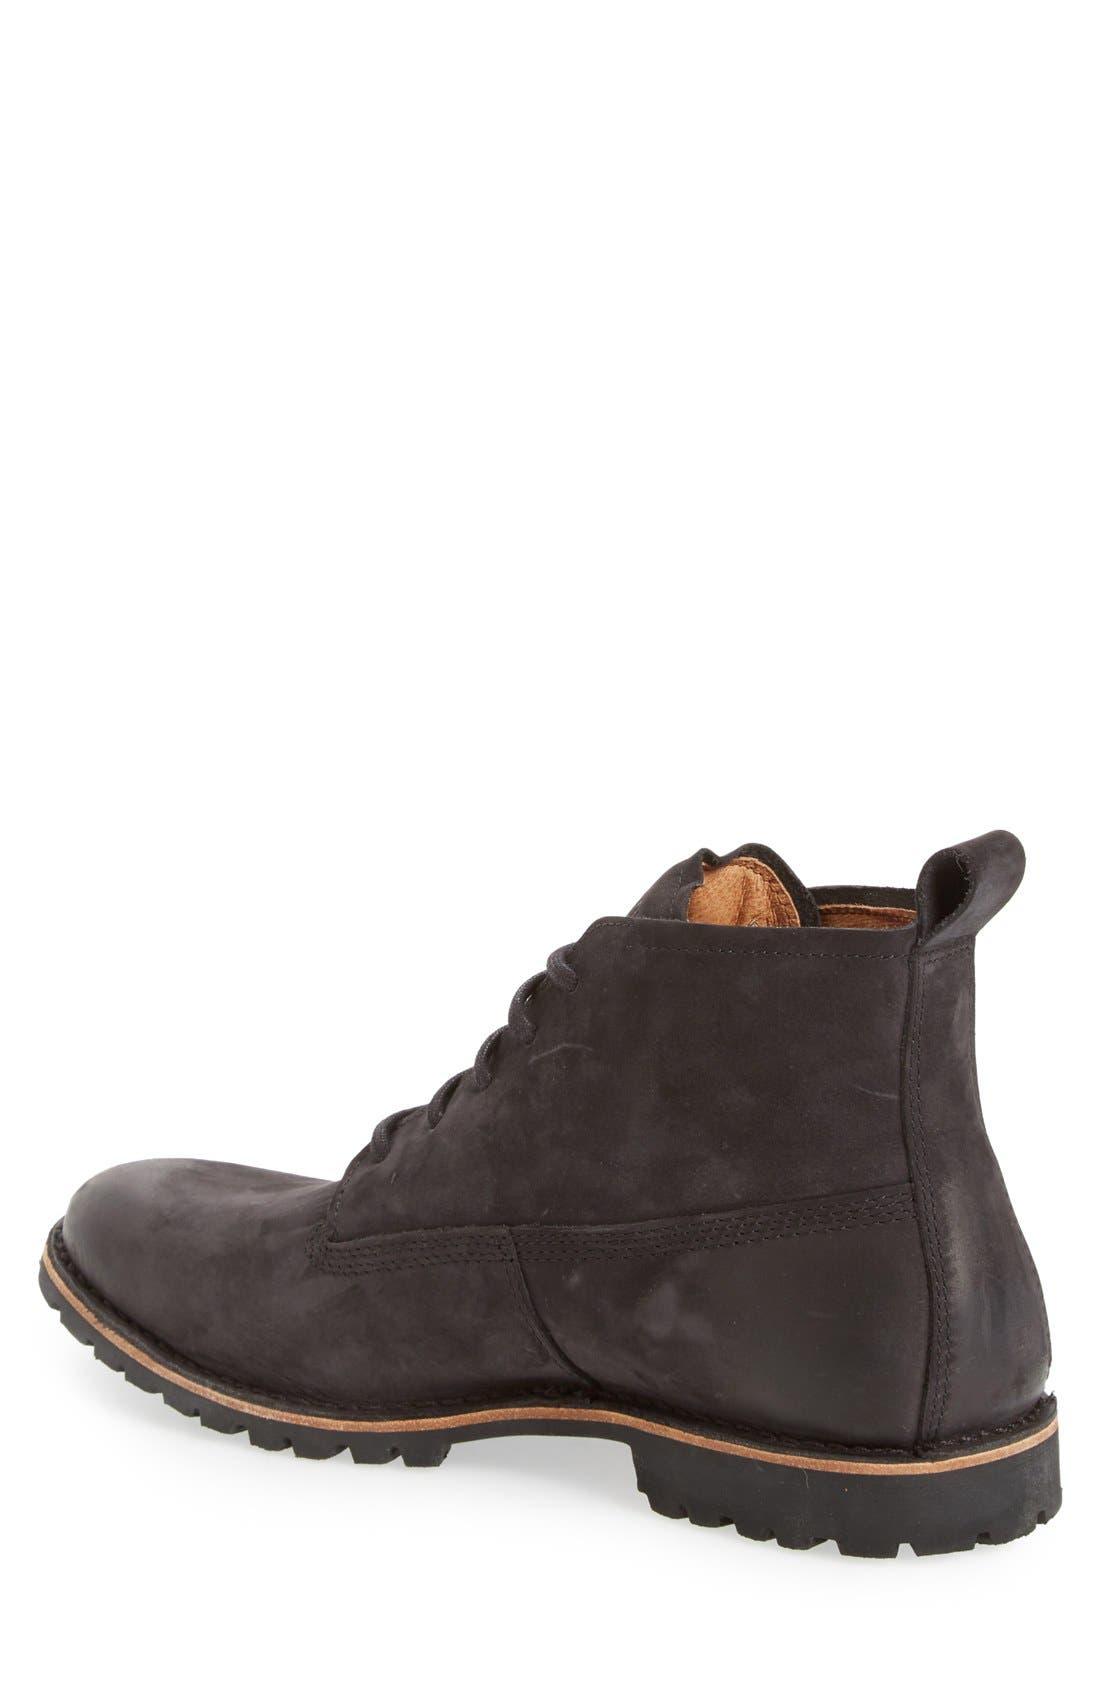 'KM07' Plain Toe Boot,                             Alternate thumbnail 4, color,